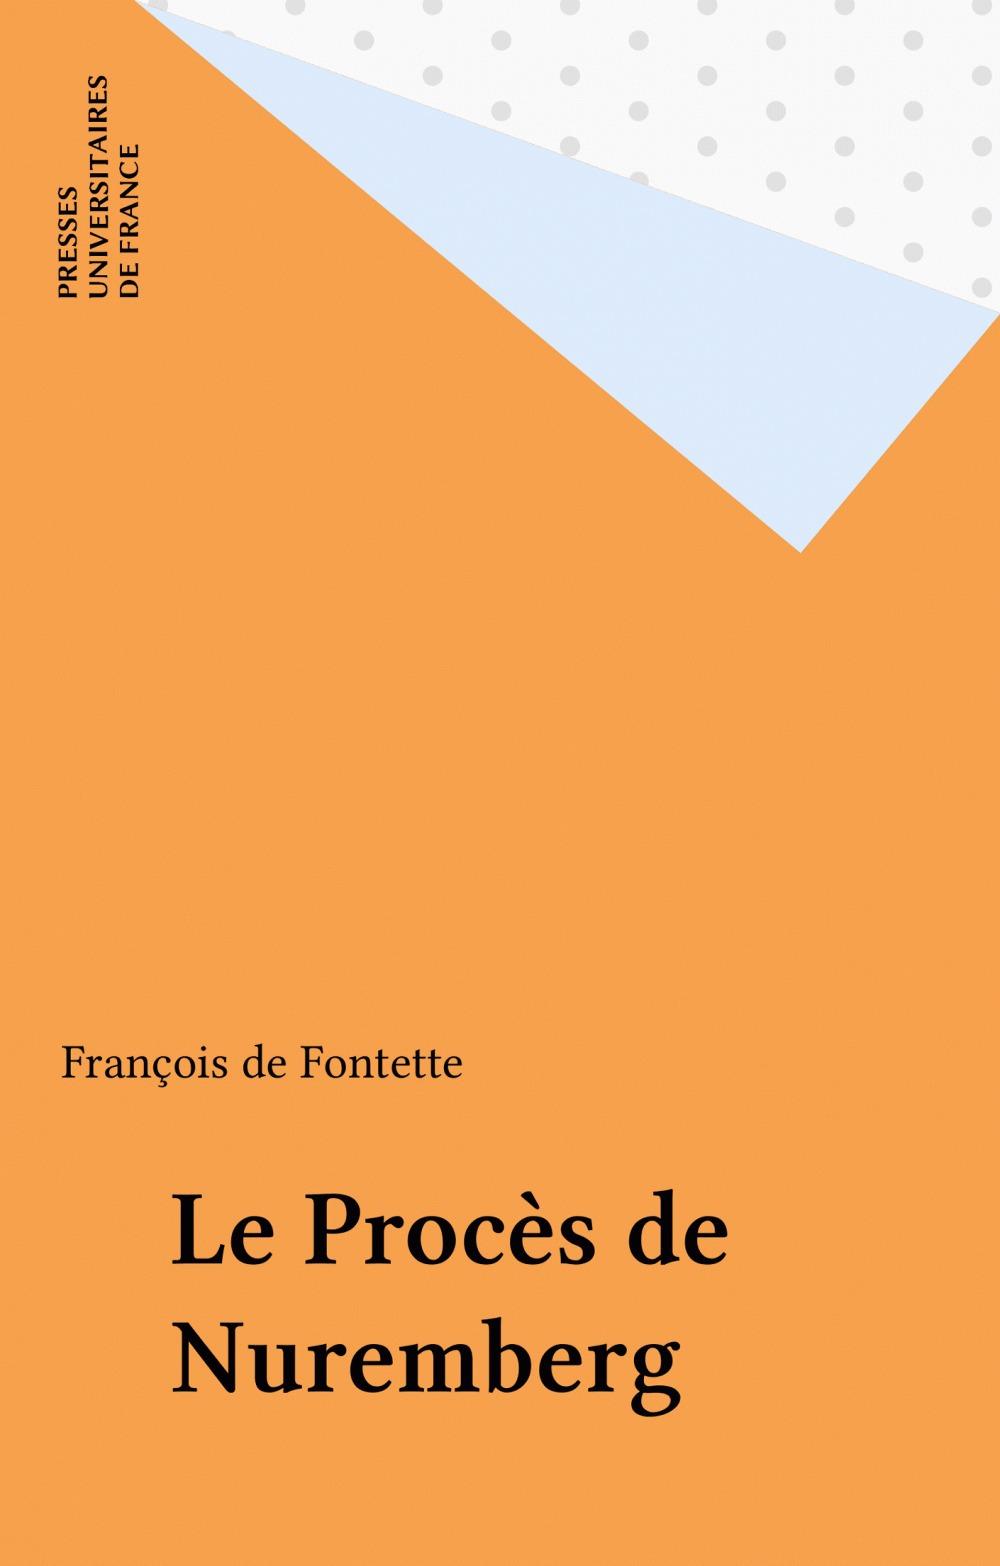 Le Procès de Nuremberg  - François de Fontette